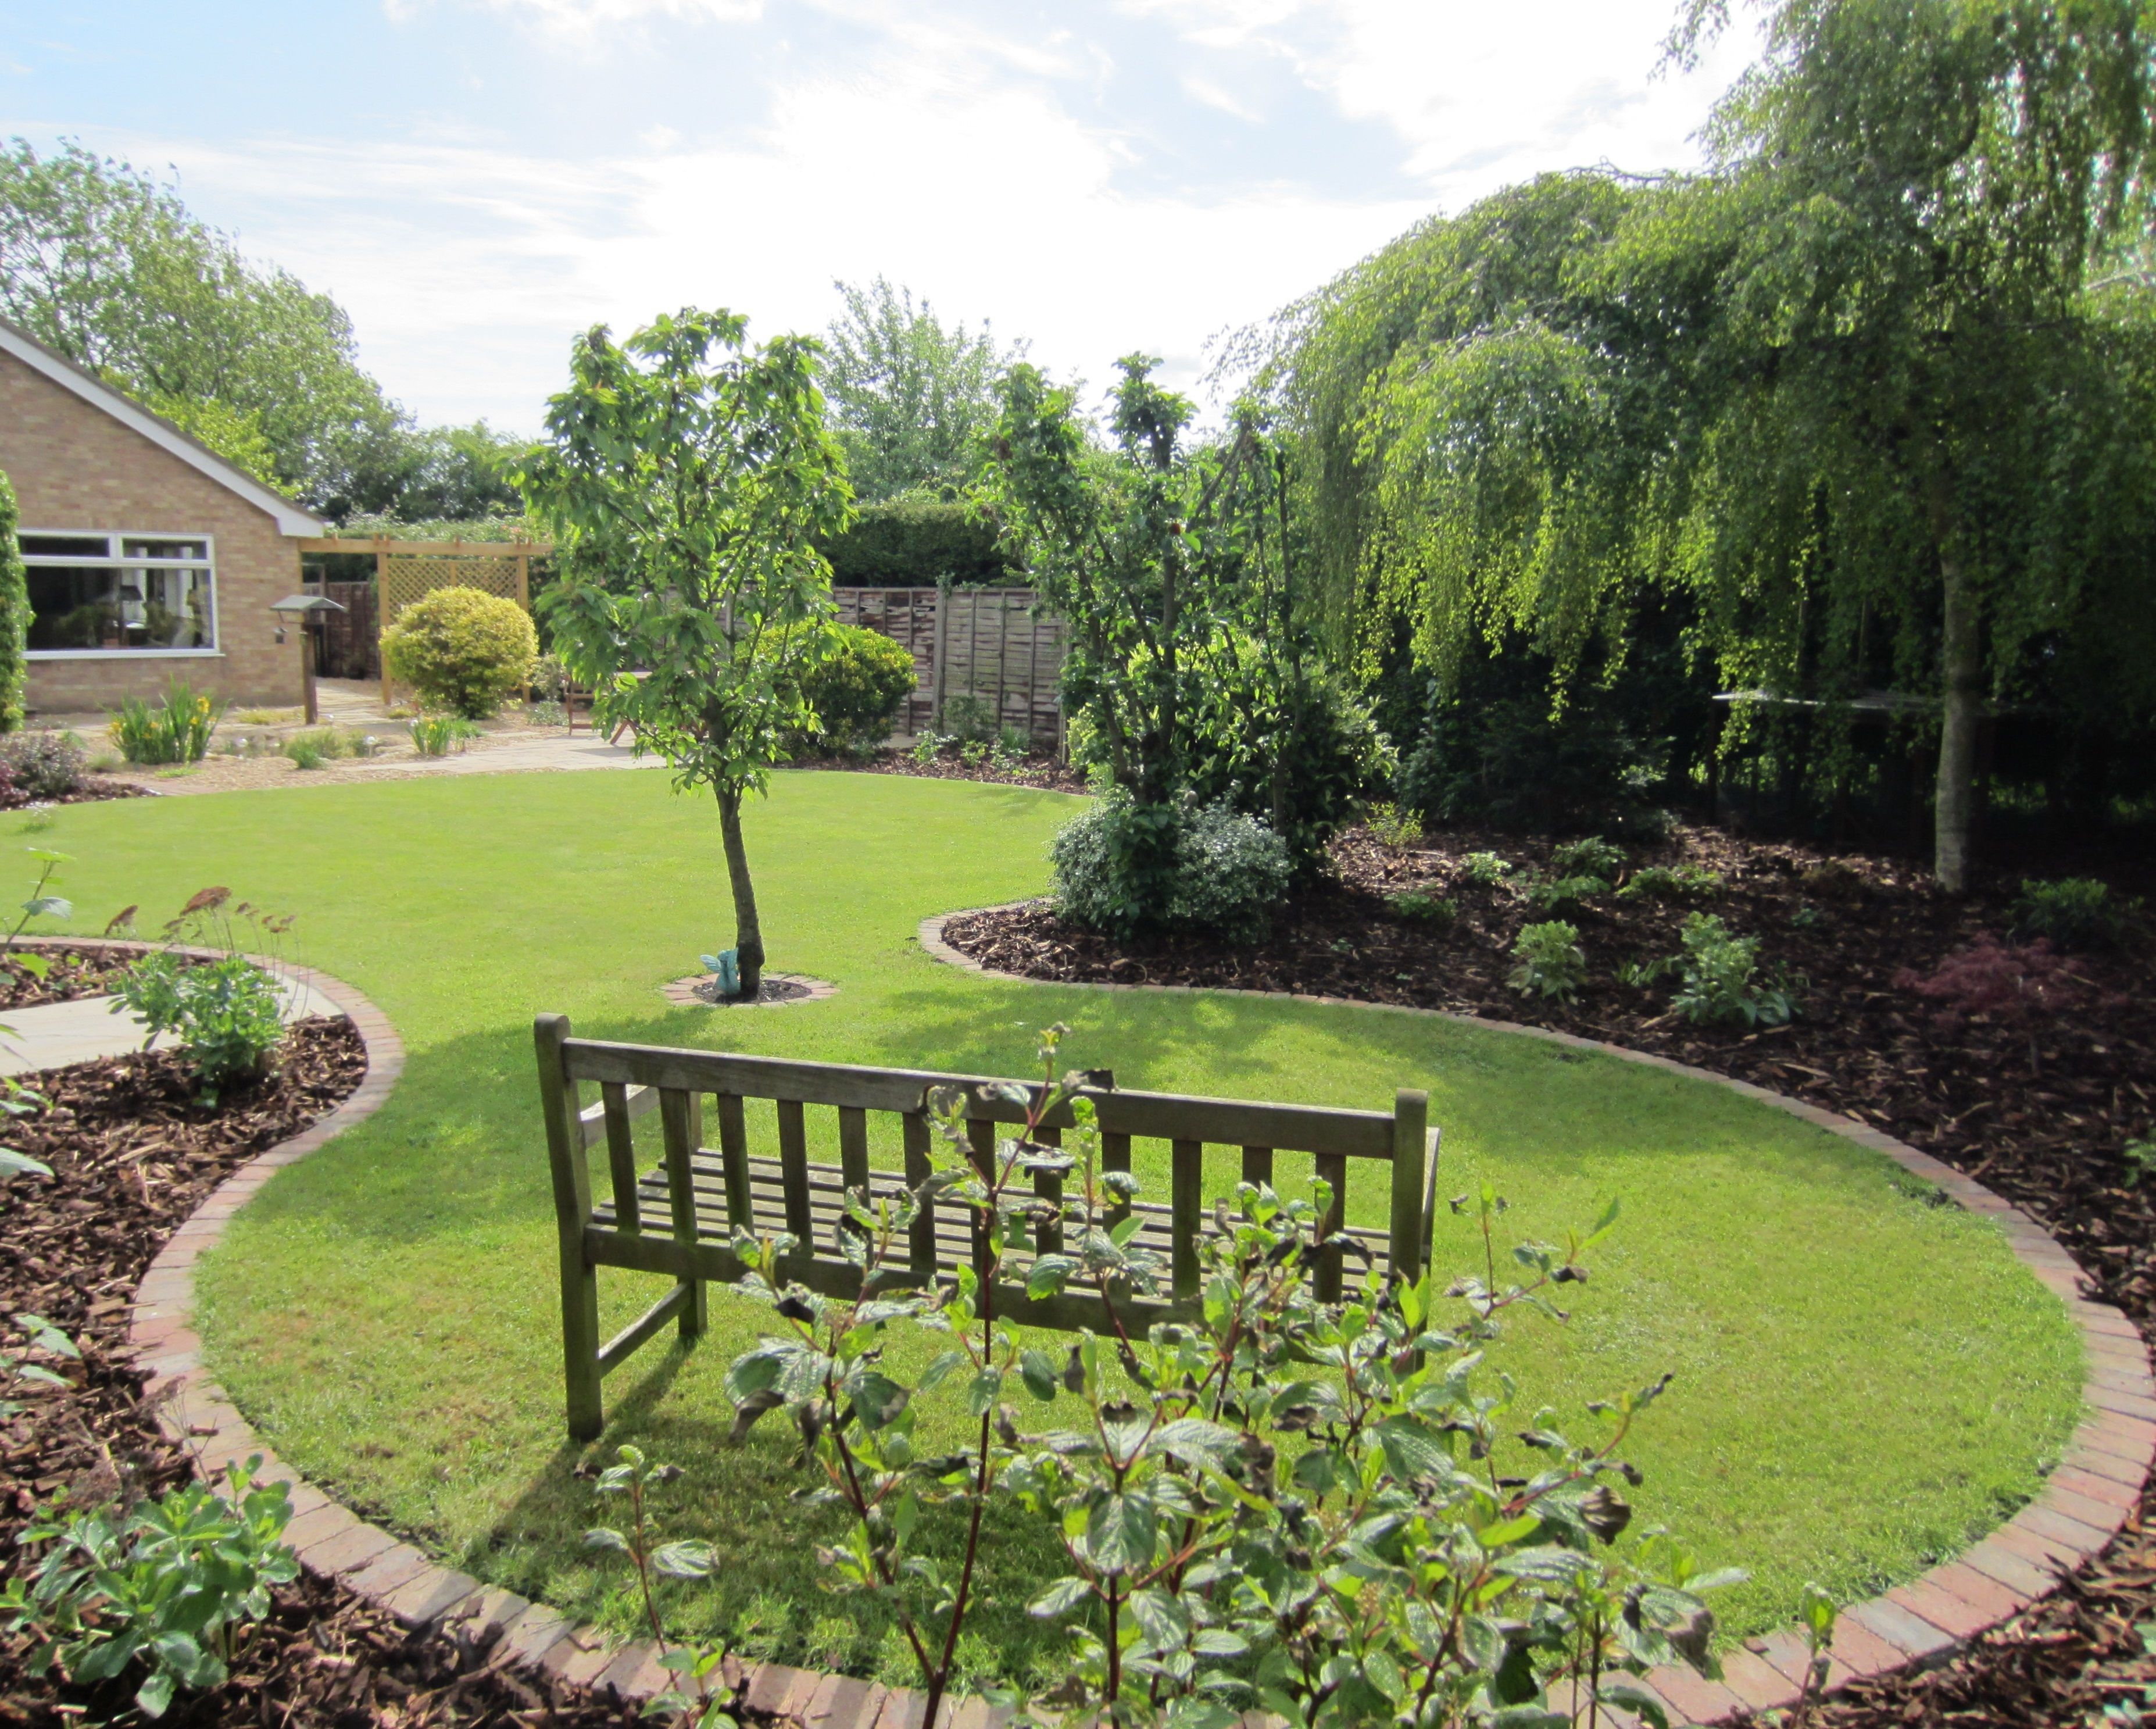 circular garden design ideas circular lawn garden designs - Google Search | Patio